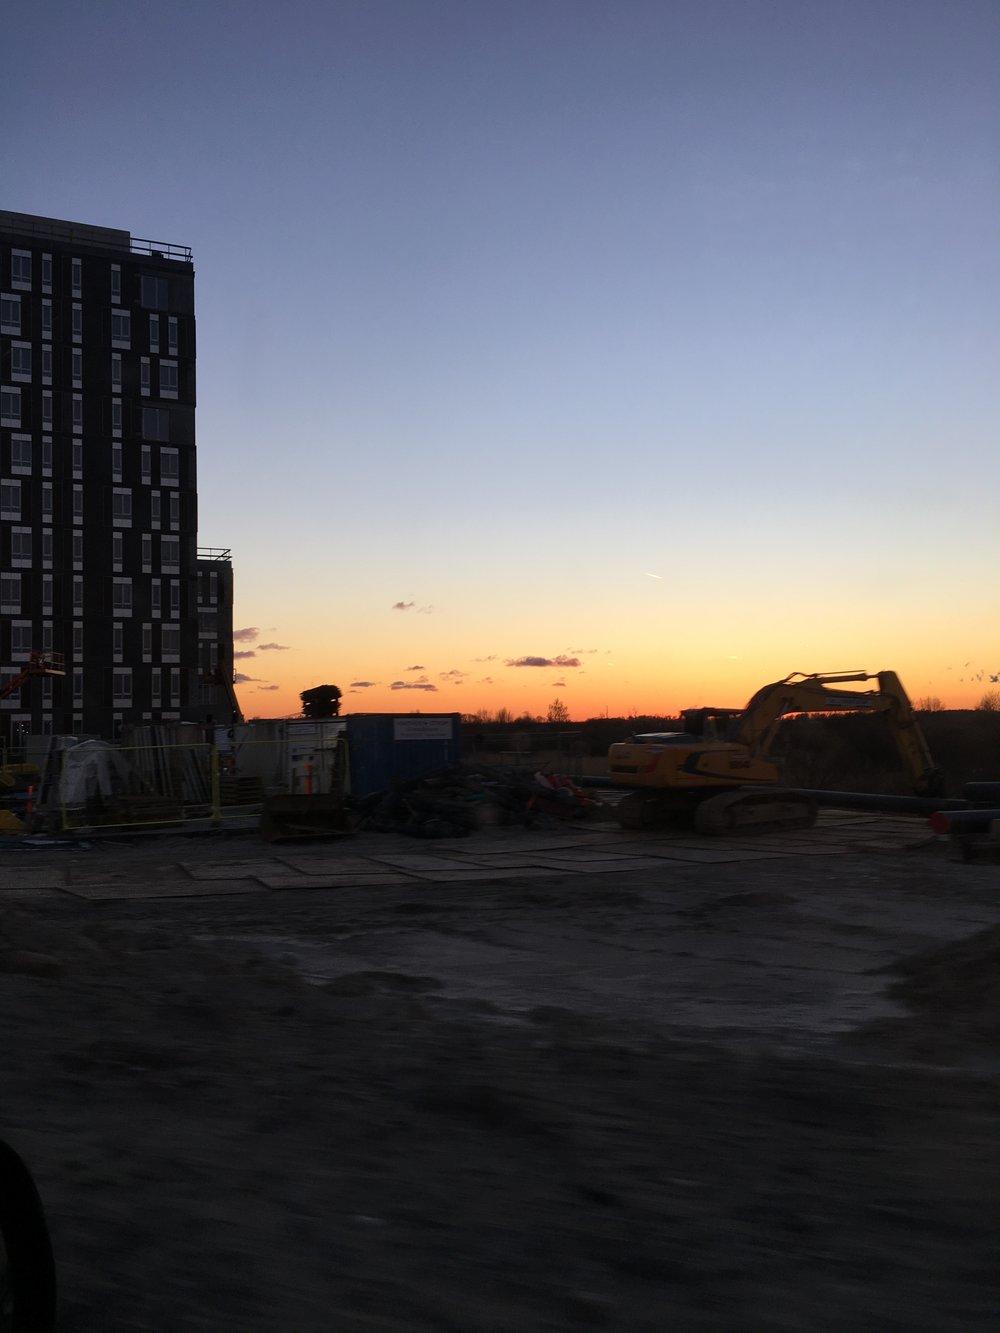 Sunset at Ørestad Syd